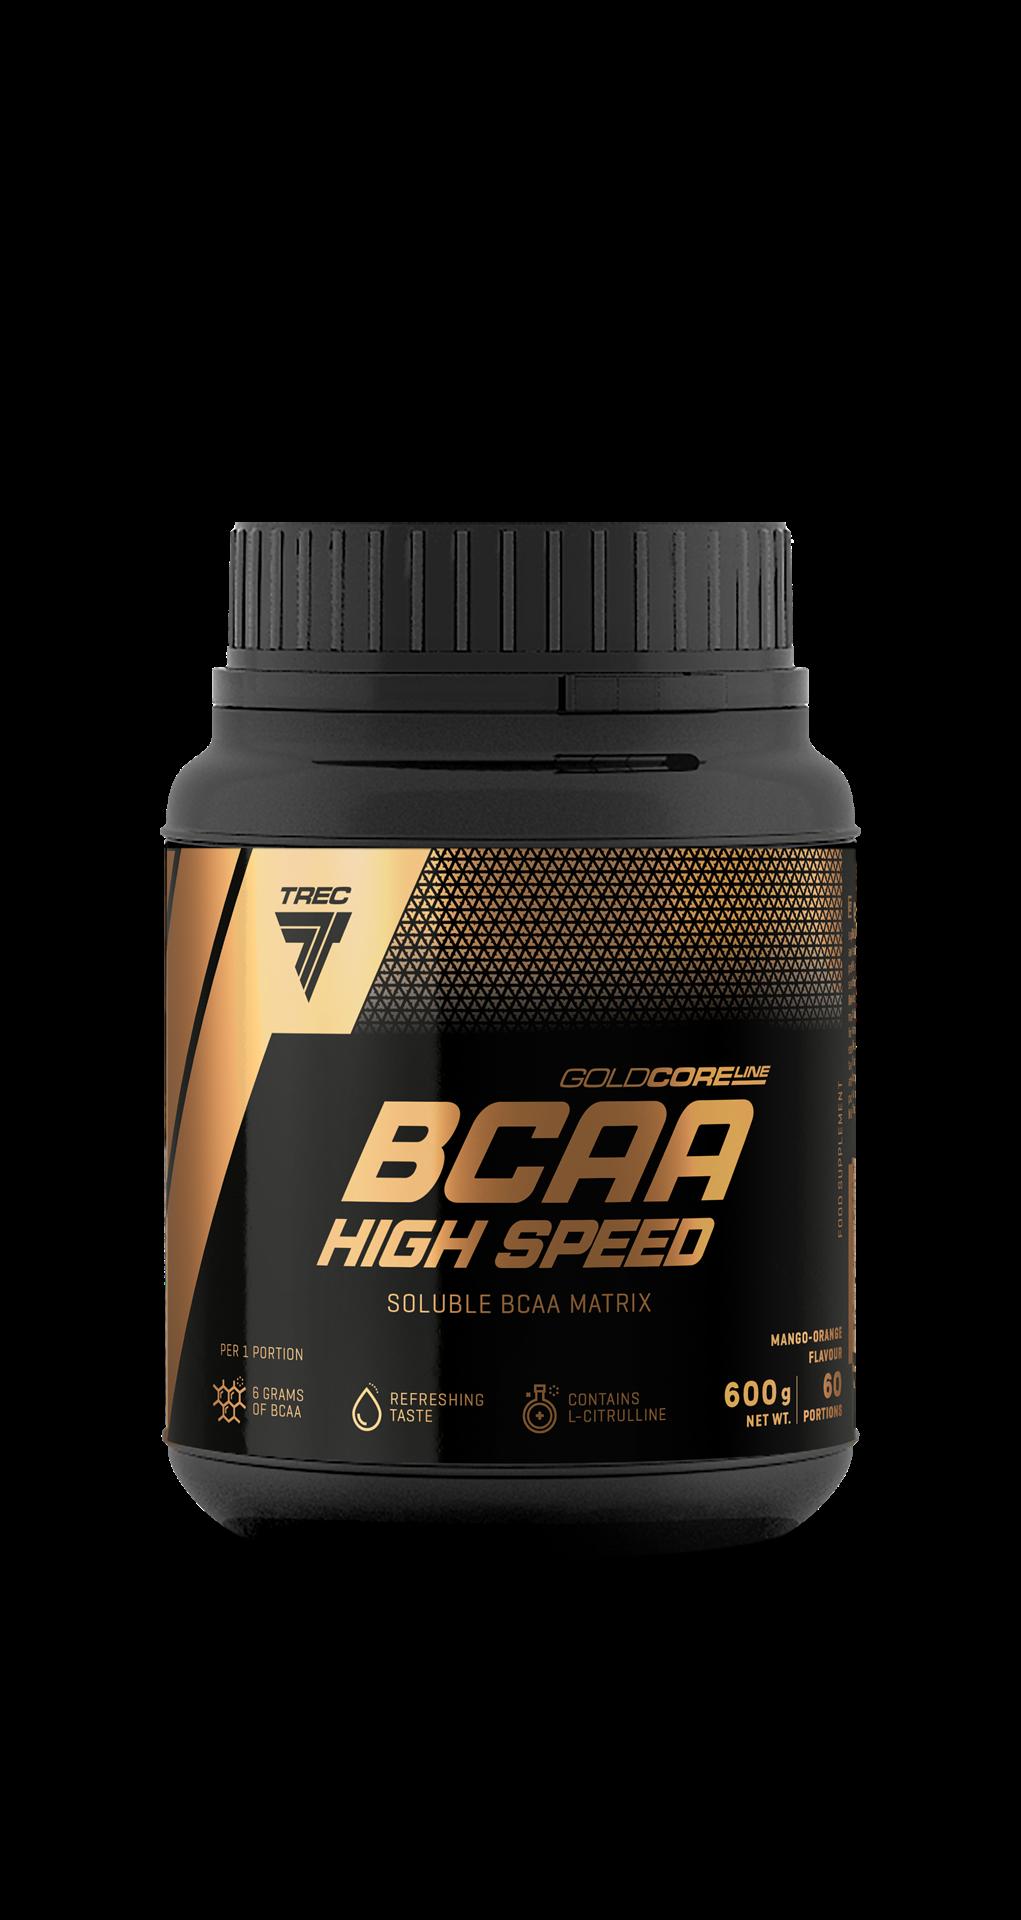 gold-core-bcaa-high-speed-600g-jar_1